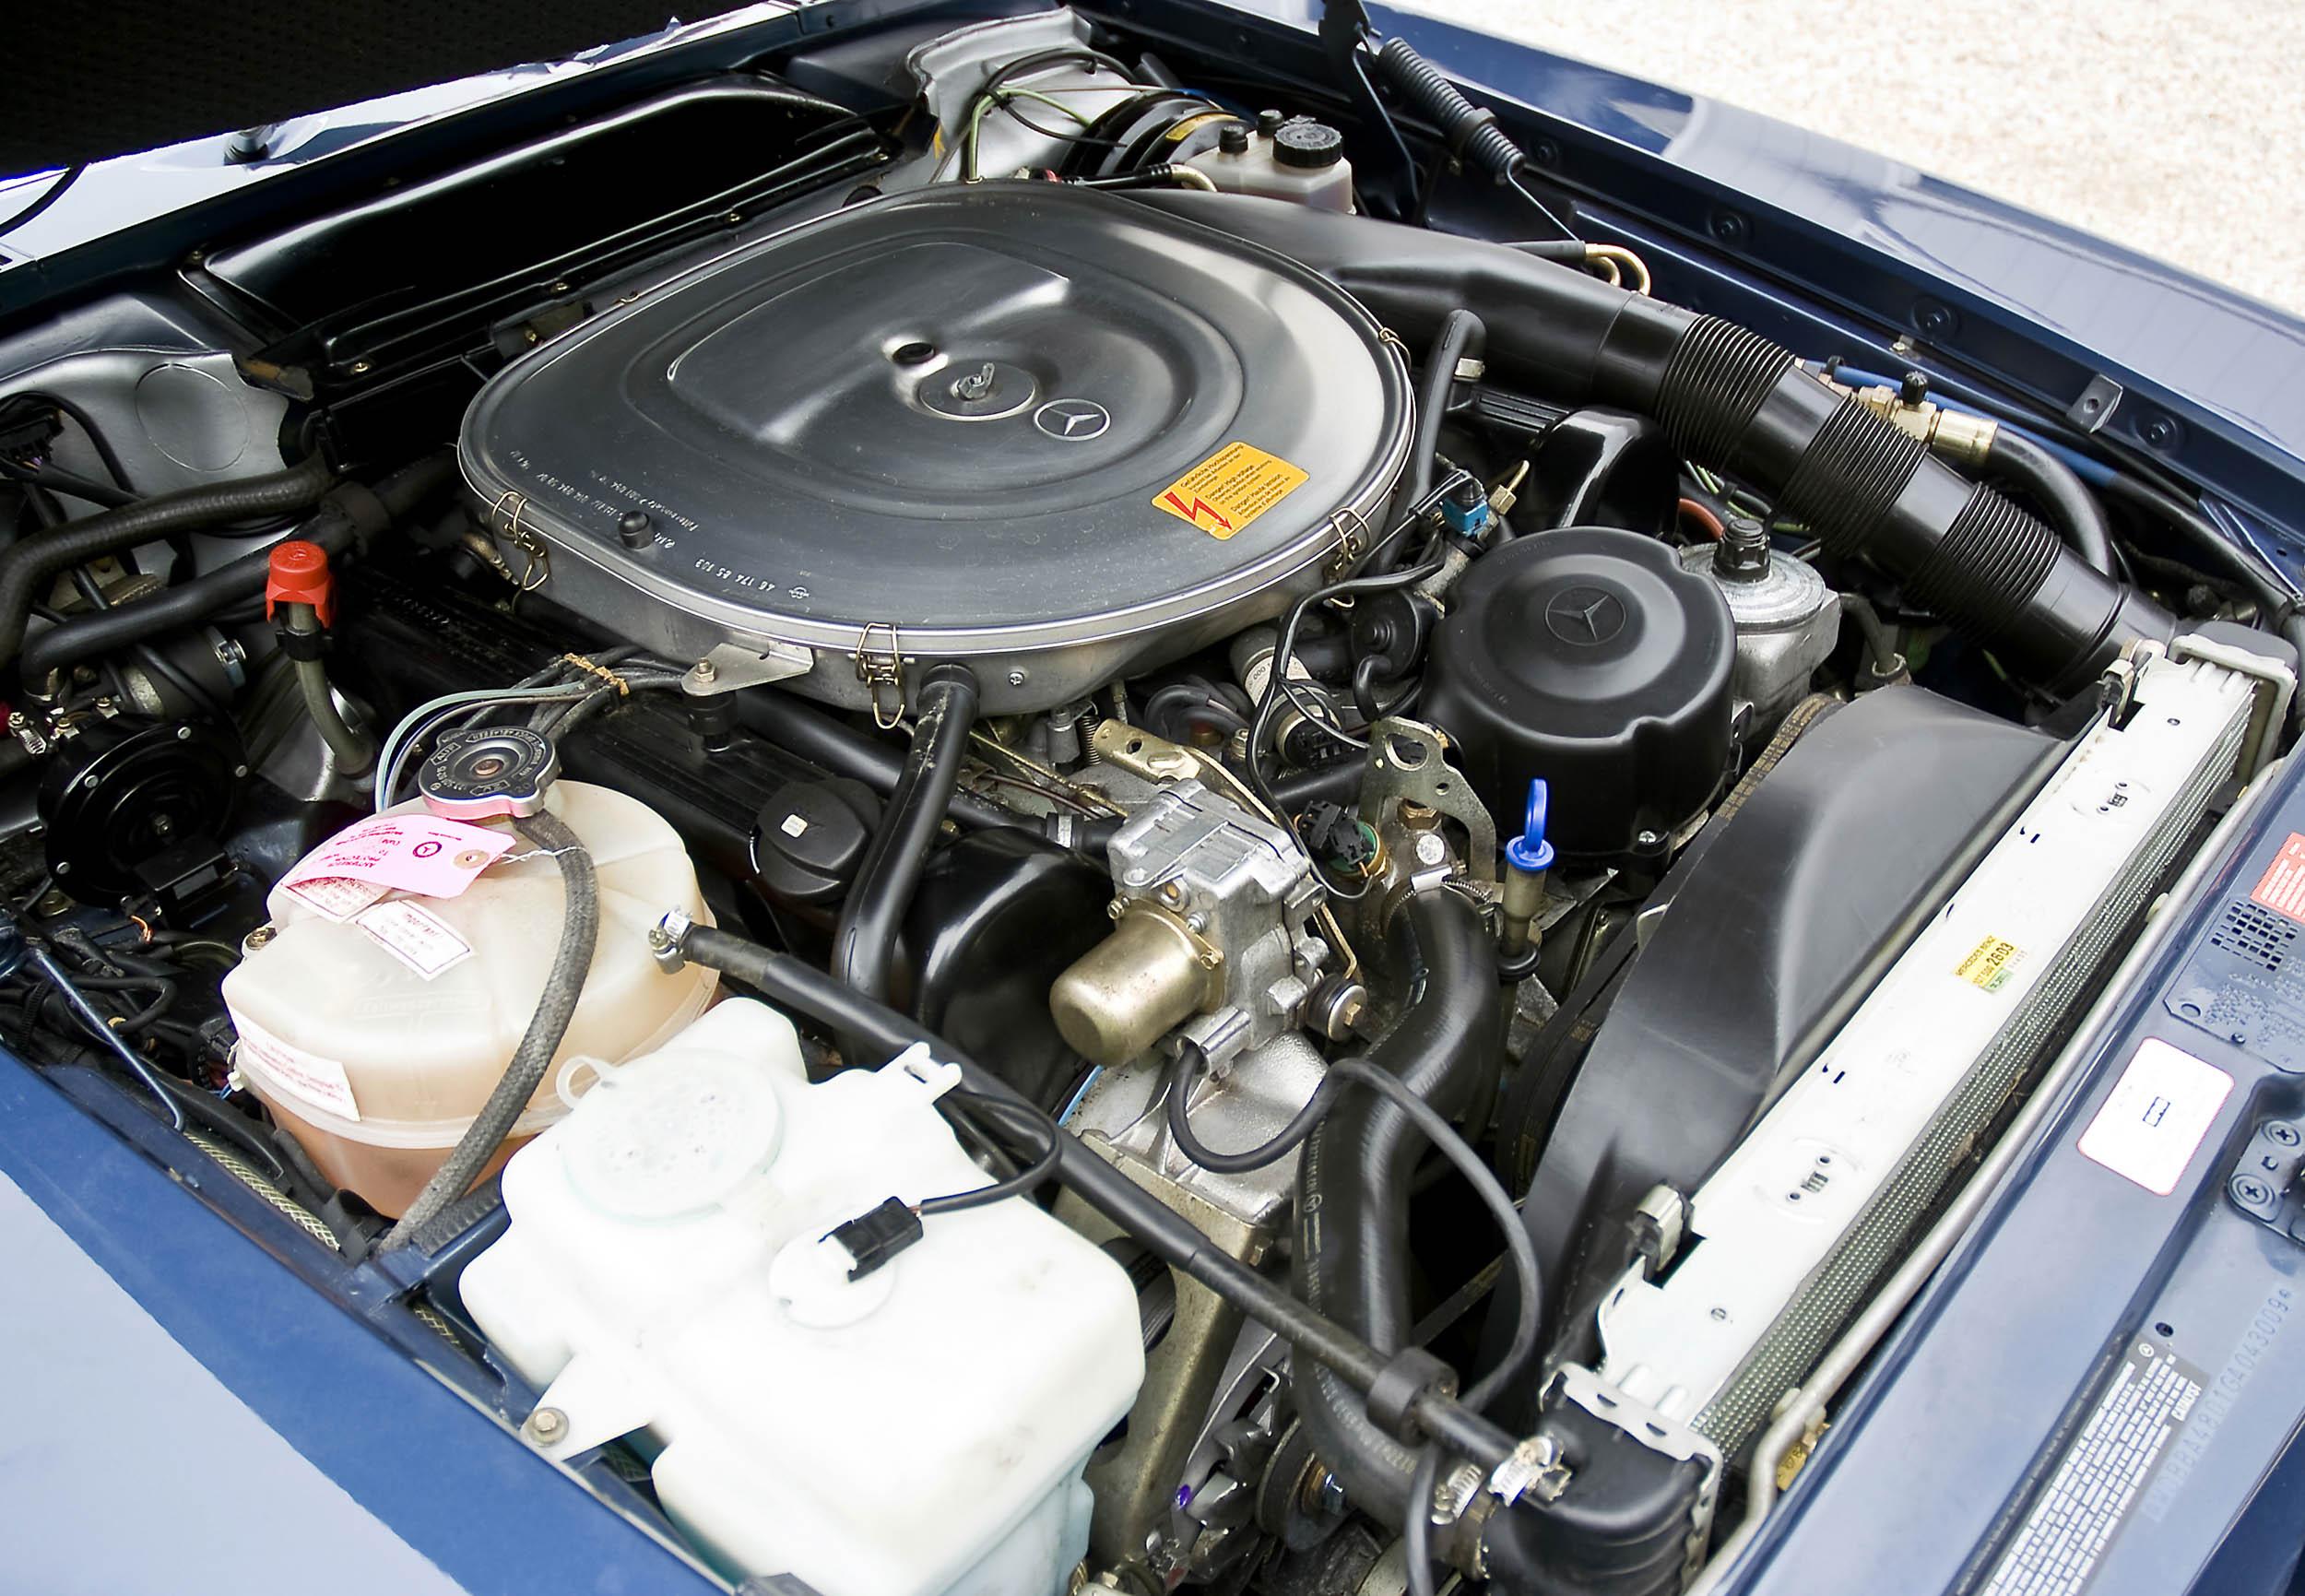 1986 Mercedes-Benz 560 SL engine